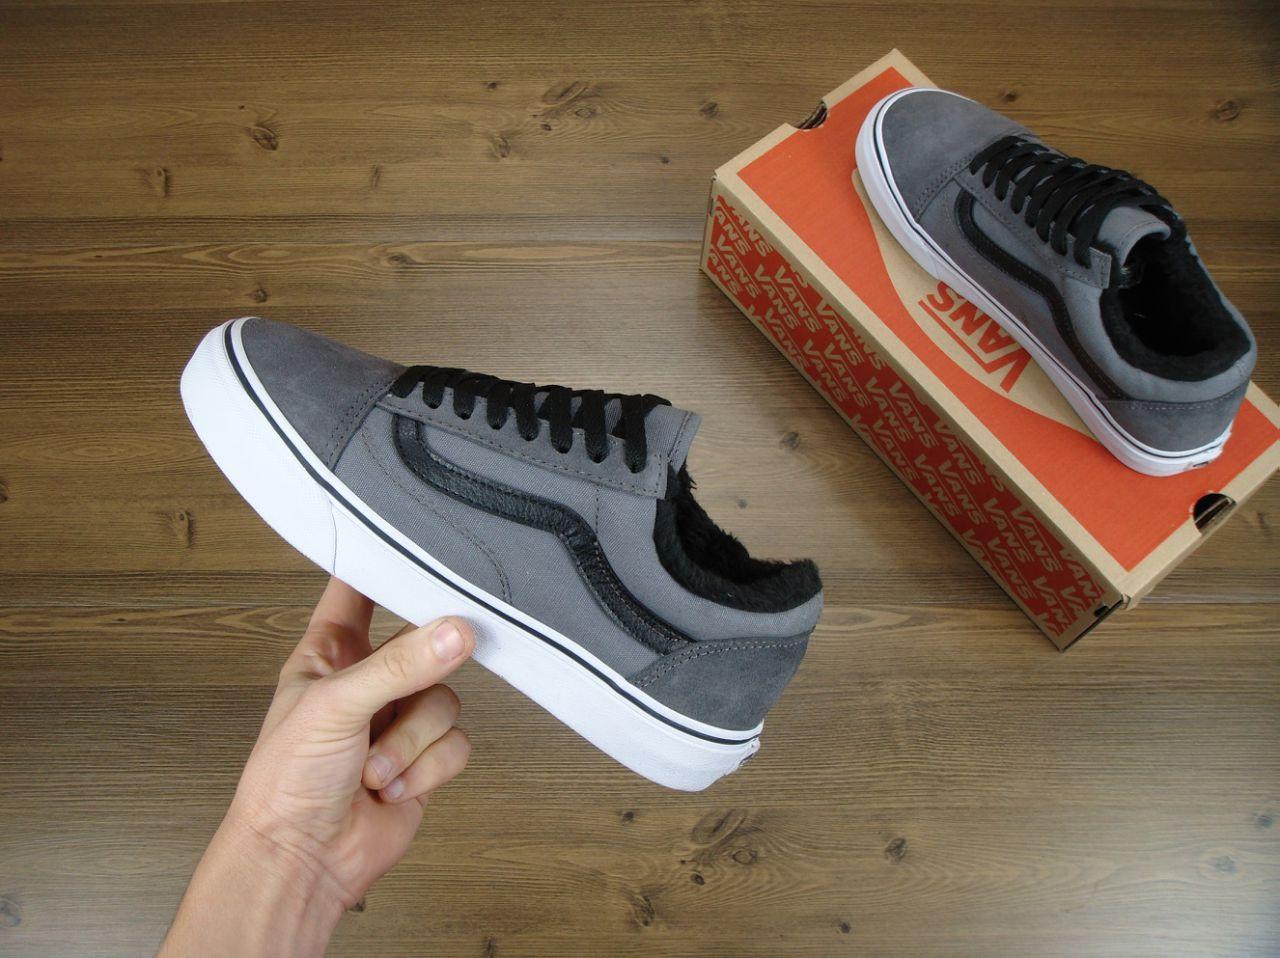 be9d801e9822 Кеды Vans Old Skool Winter Edition Grey ,зимние вансы с мехом - Магазин  спортивной обуви